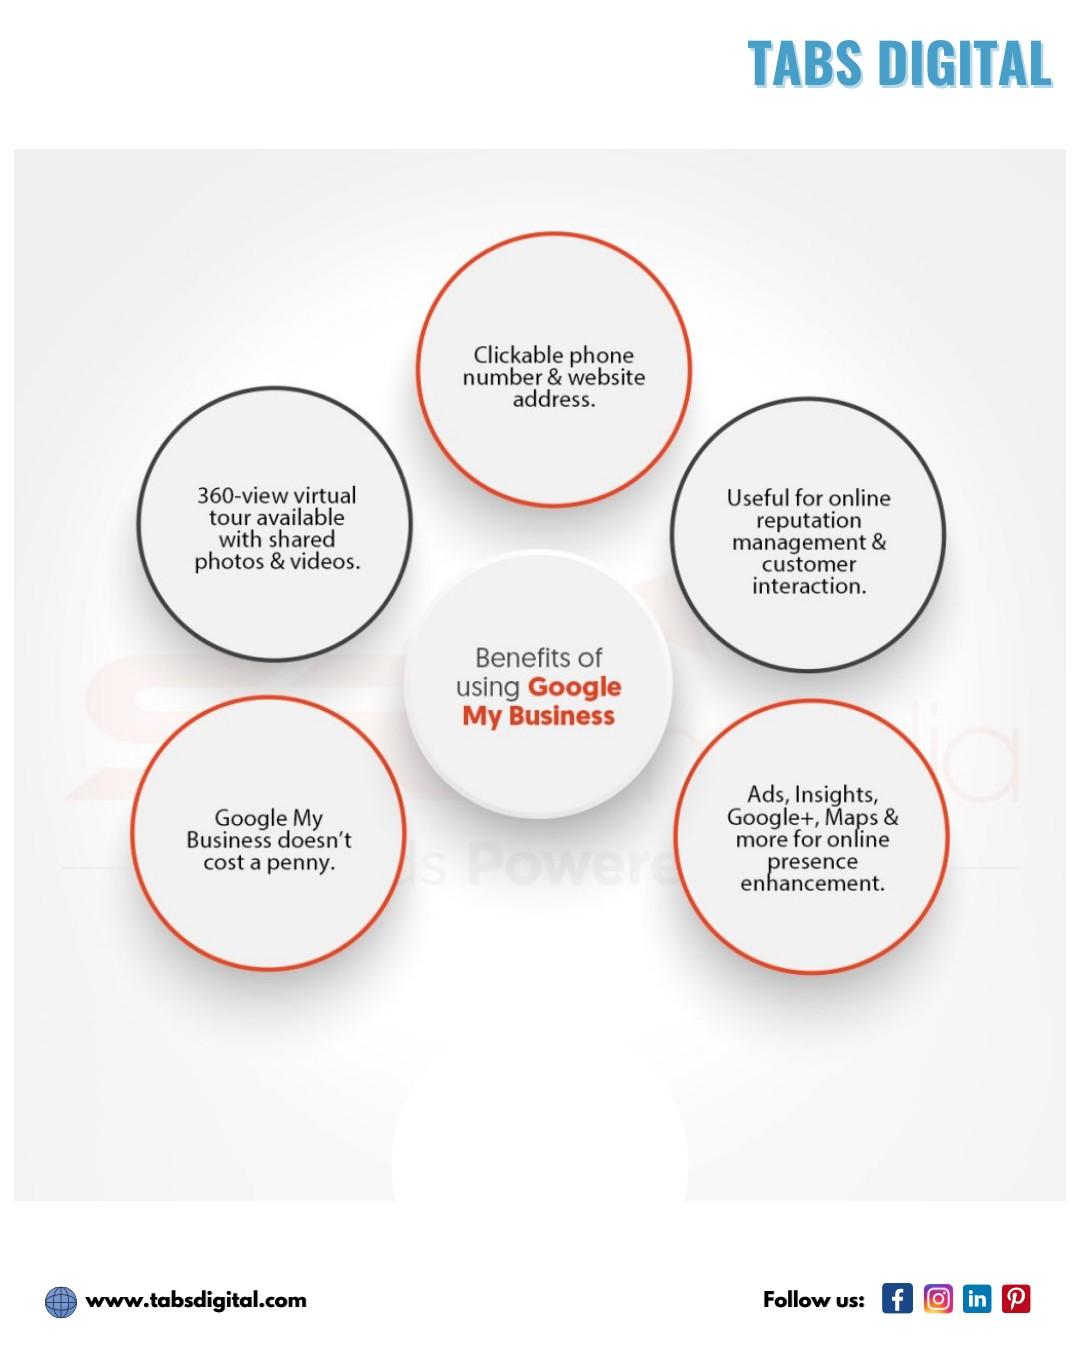 Social media marketing - Tabs Digital